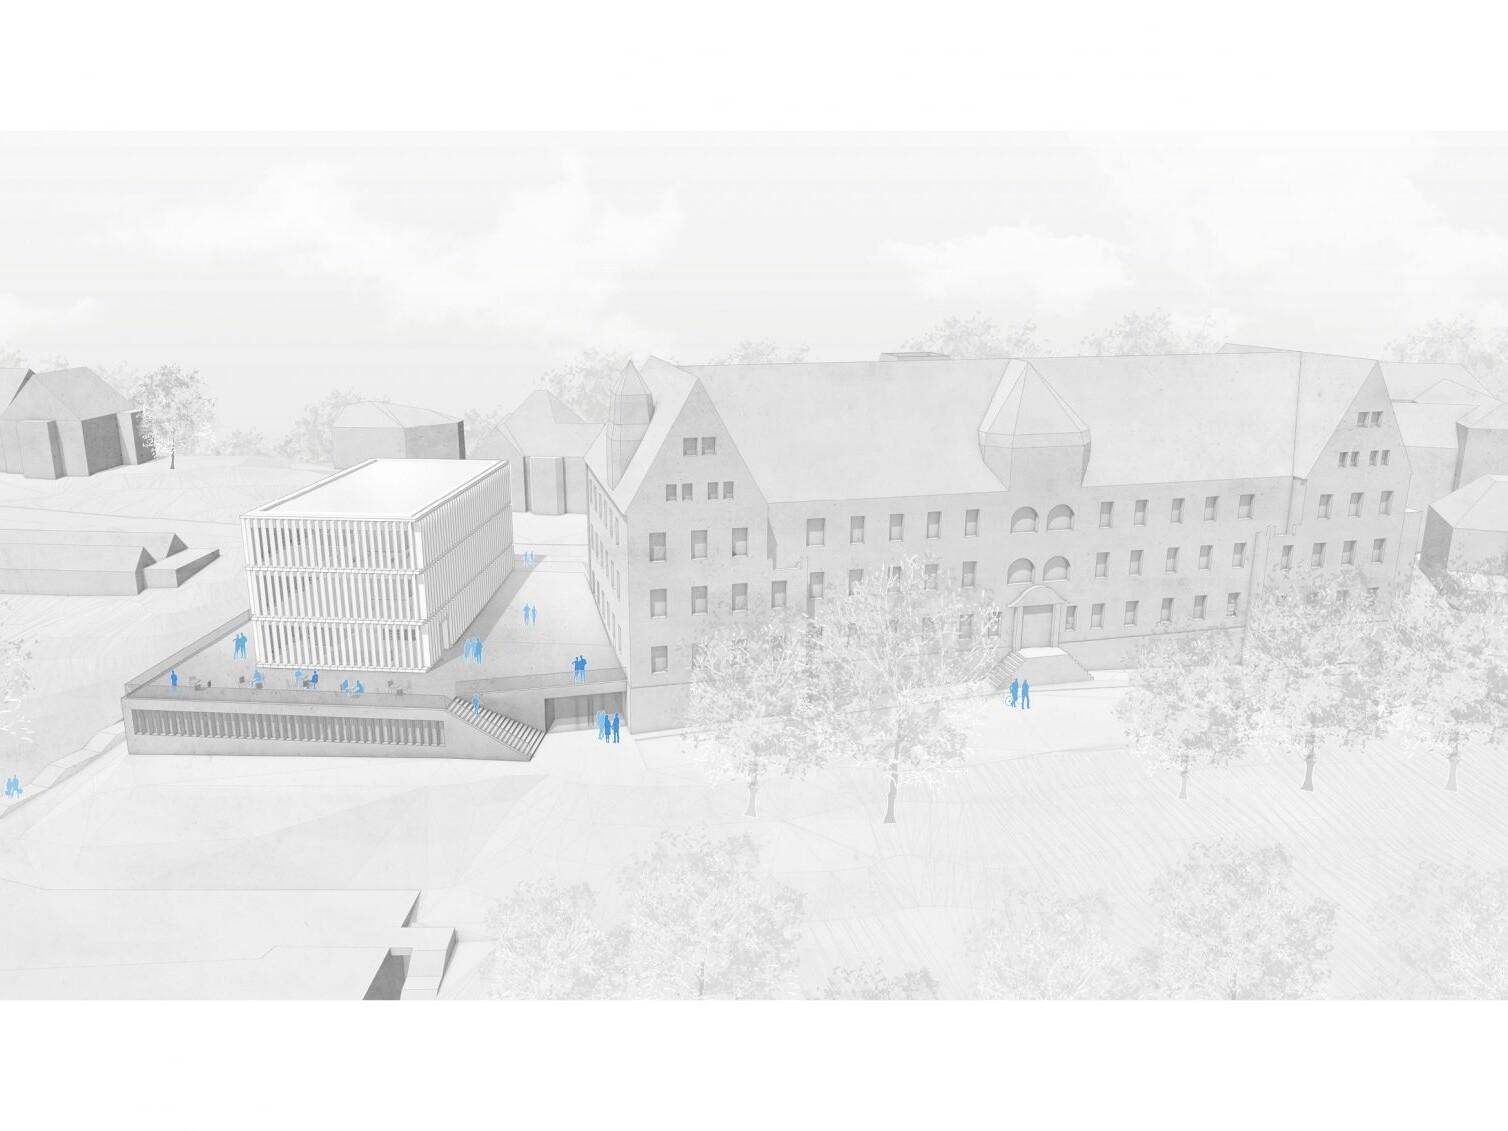 Generalsanierung, Umbau und Erweiterung der Alten Augenklinik, Tübingen zur Neubelegung durch das Asien-Orient-Institut der Universität Tübingen